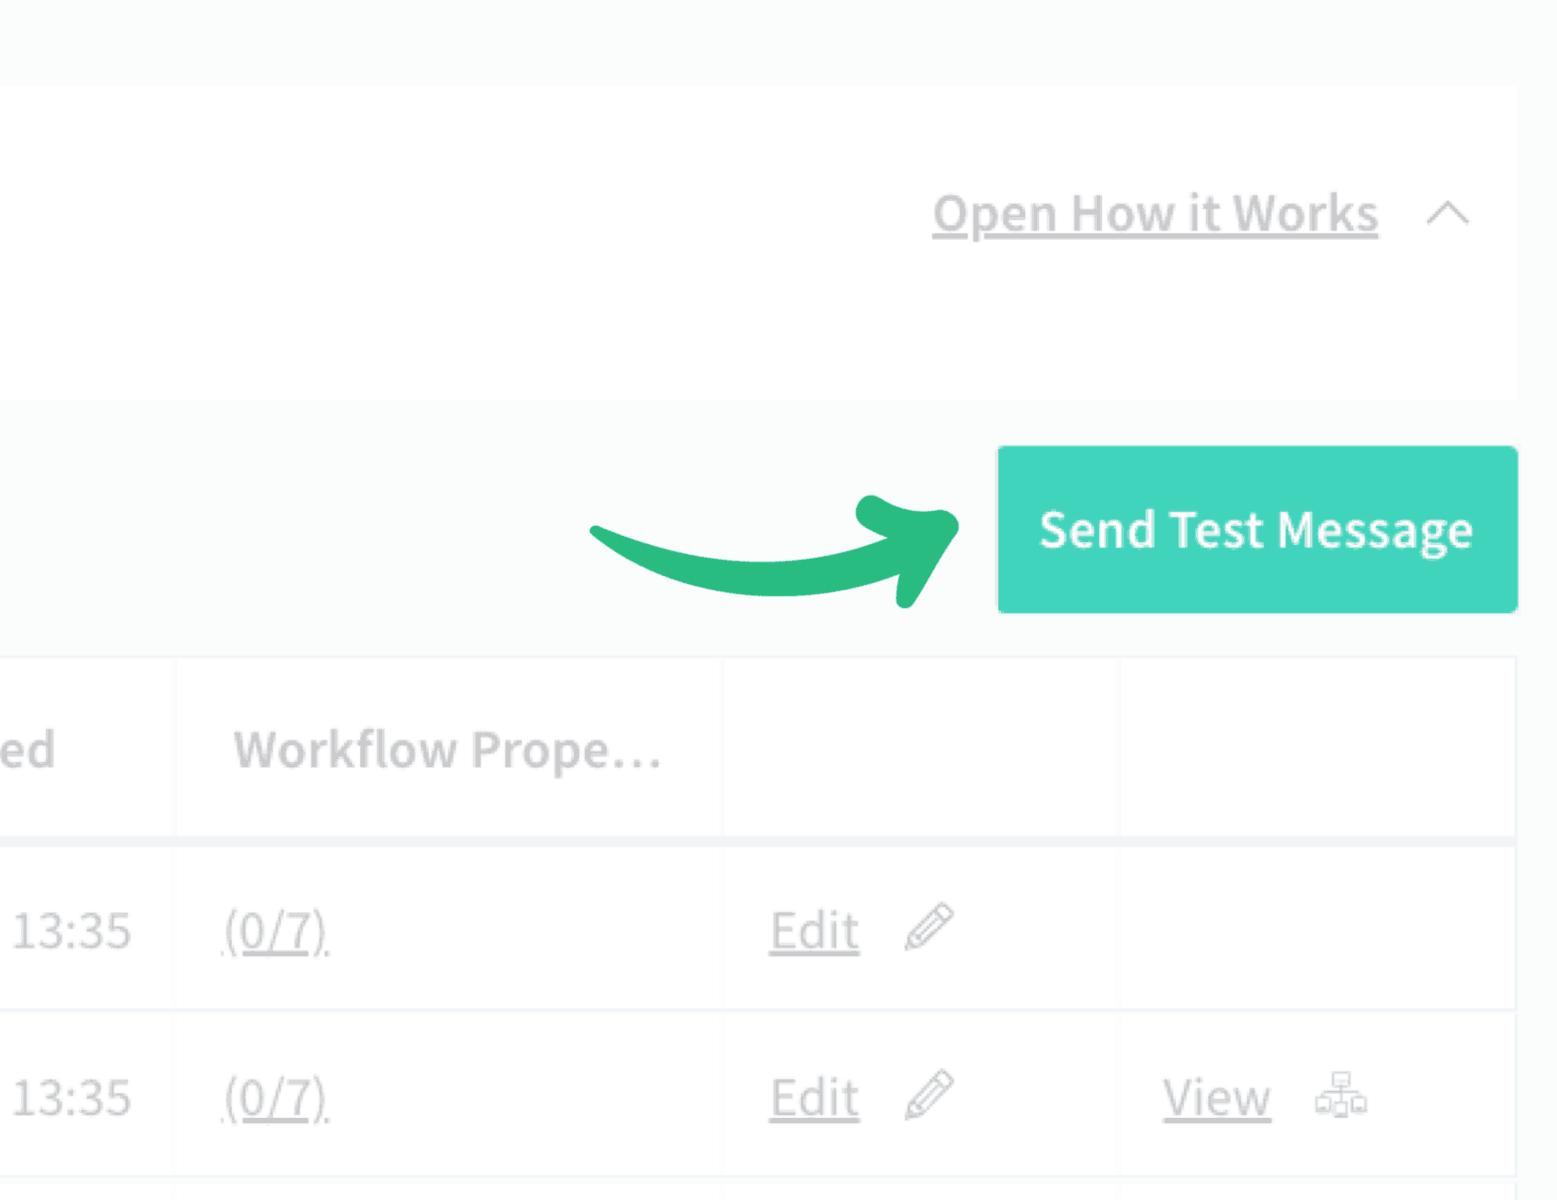 Sending a test message